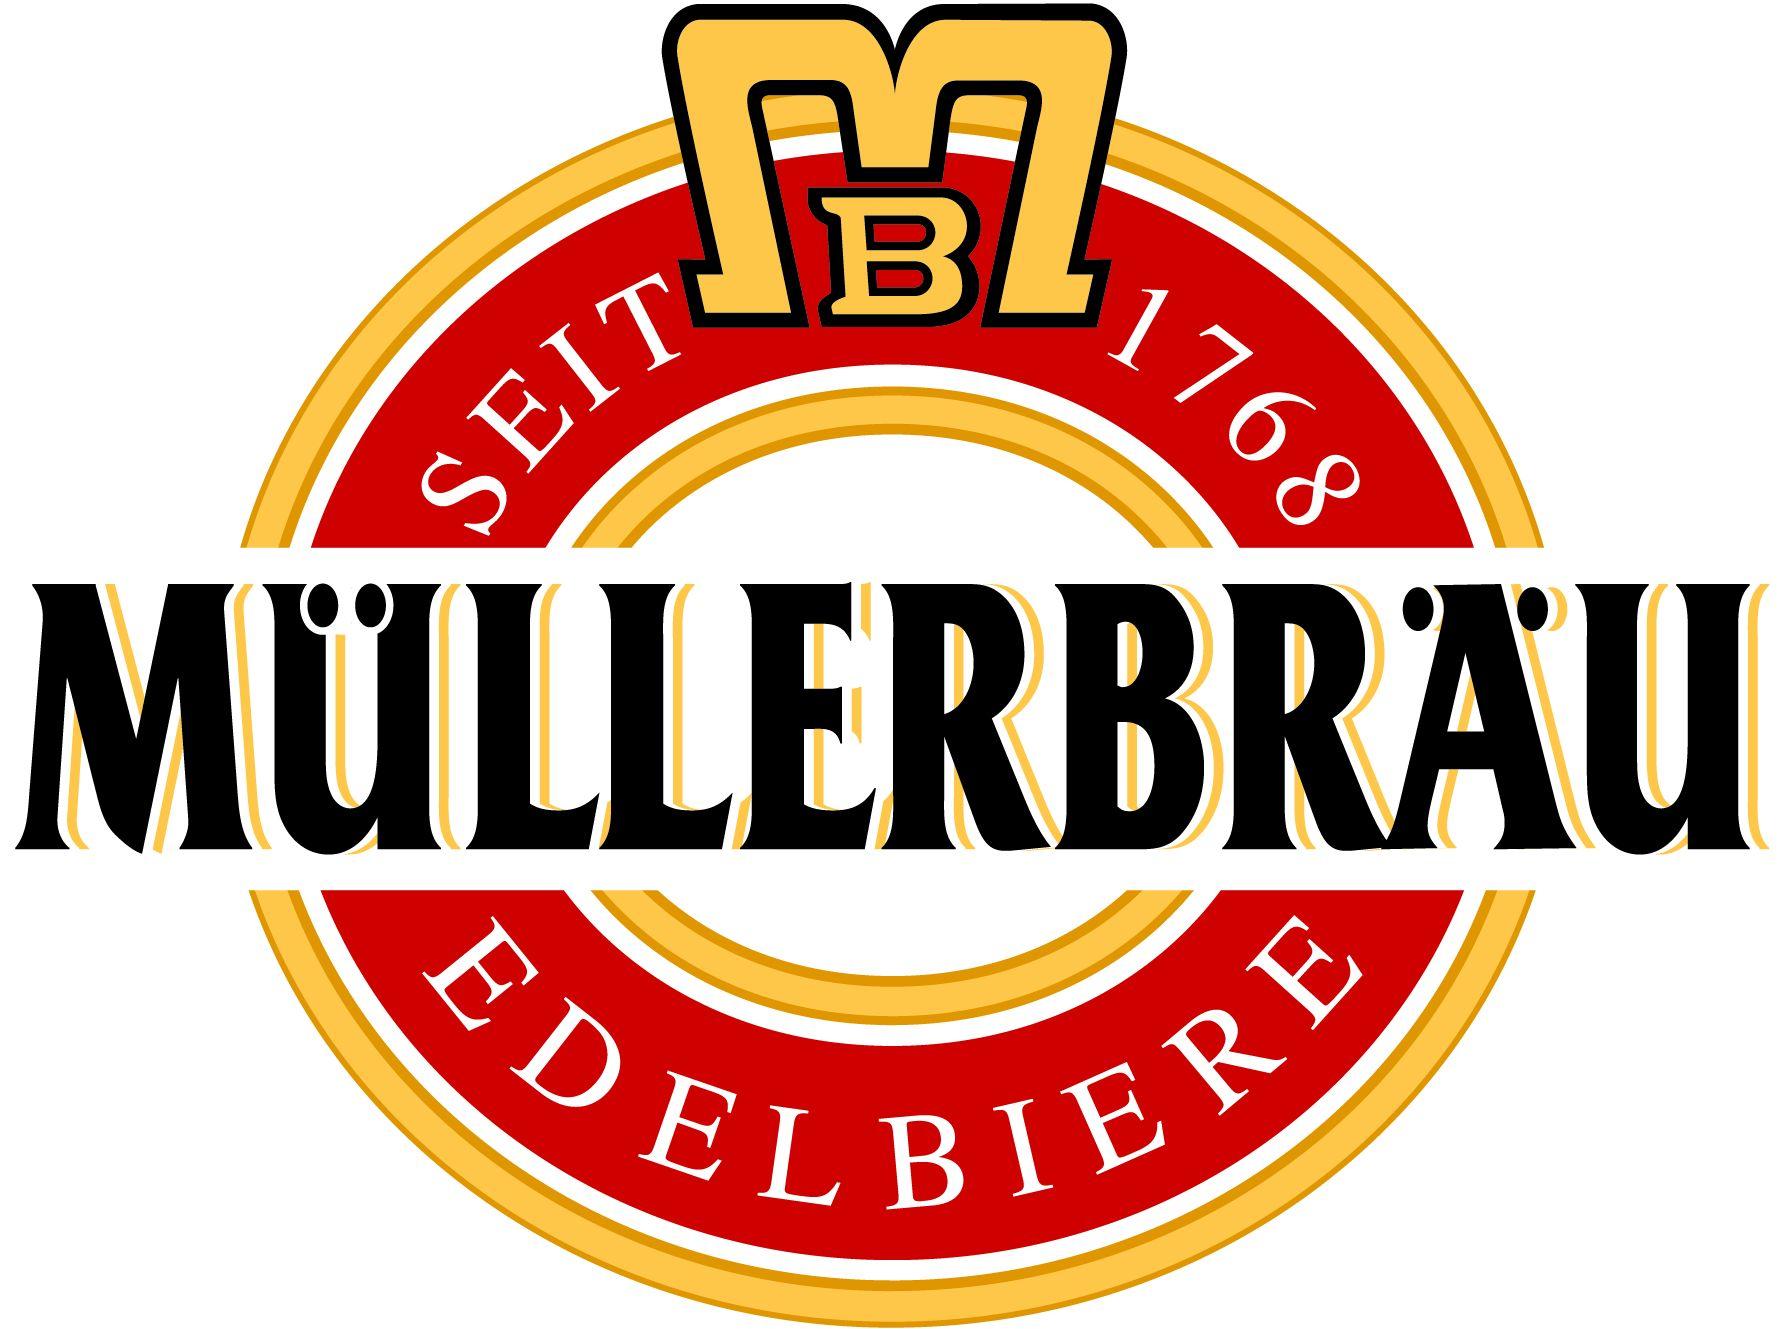 Müllerbräu Neuötting